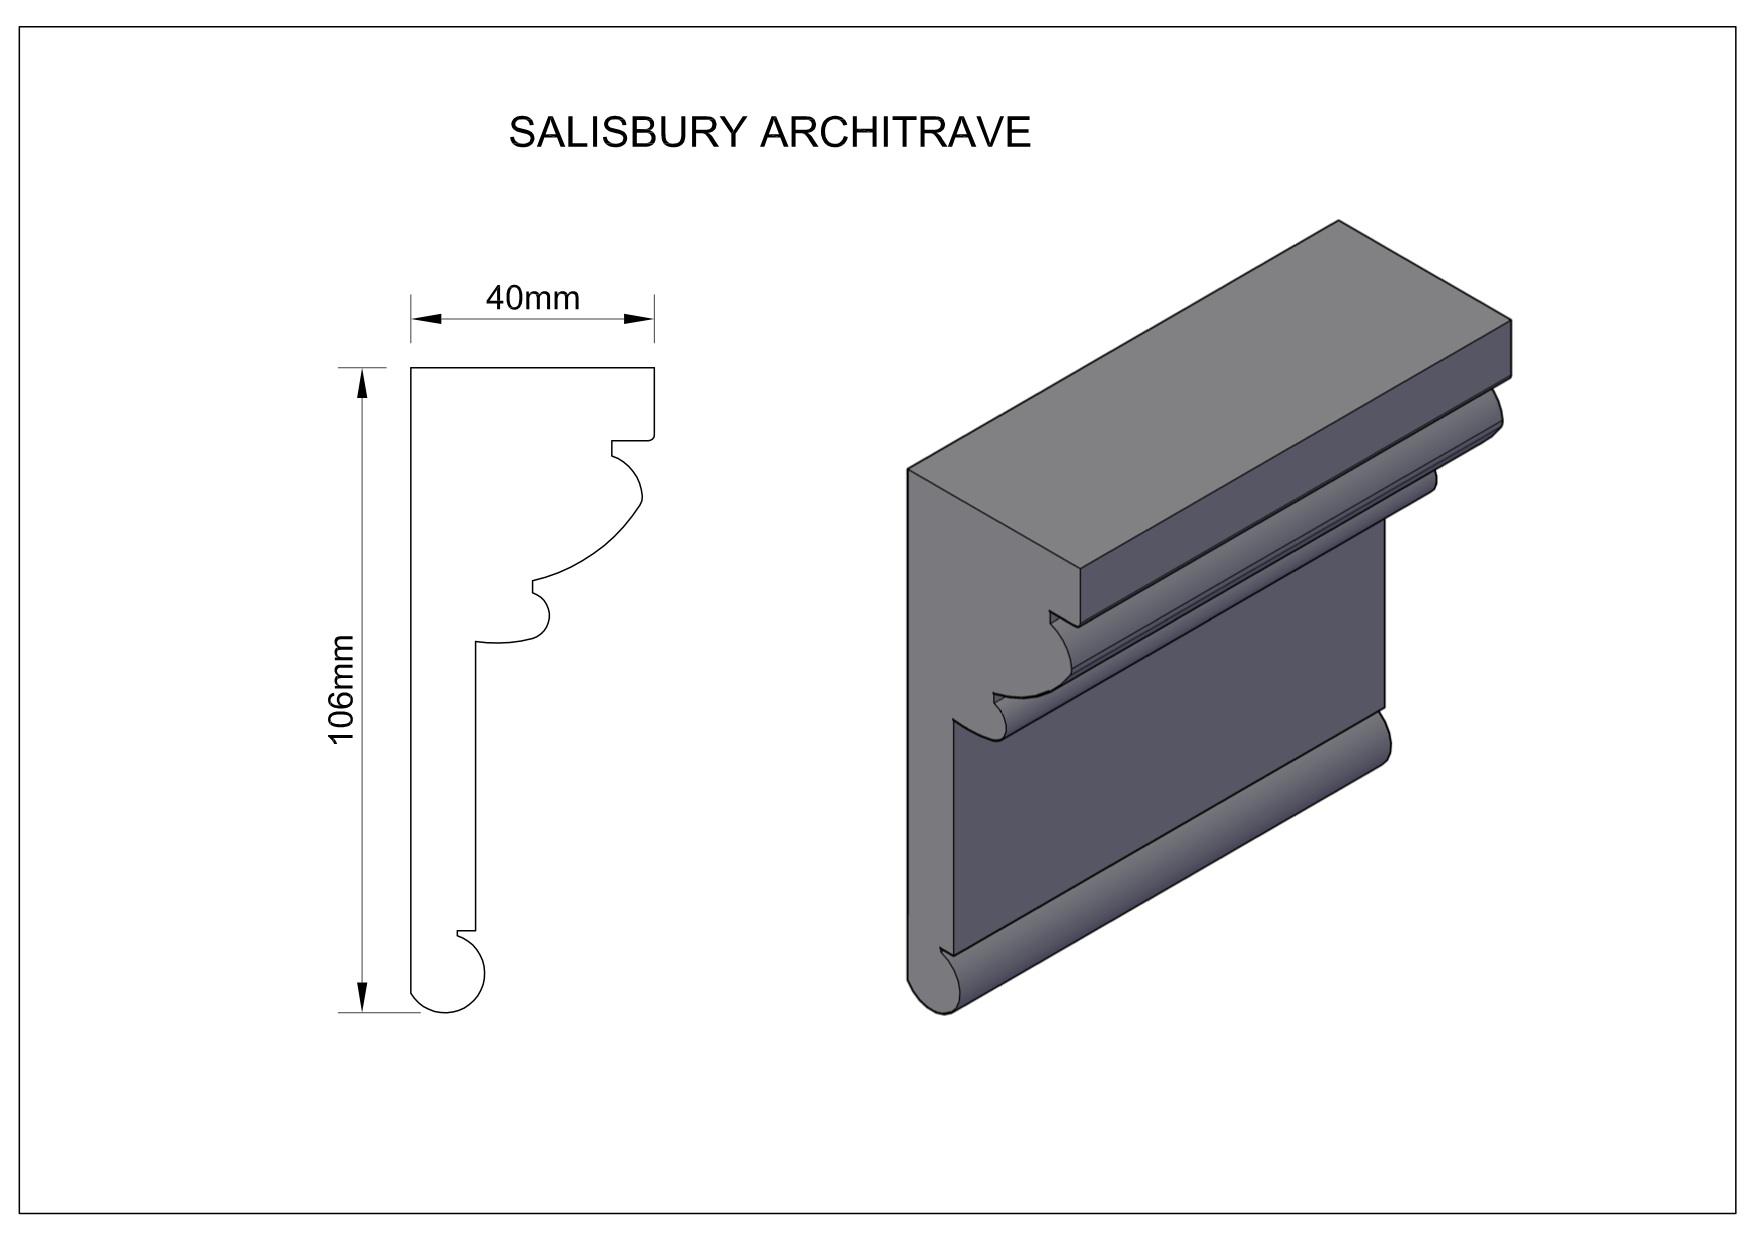 Salisbury-Architrave large